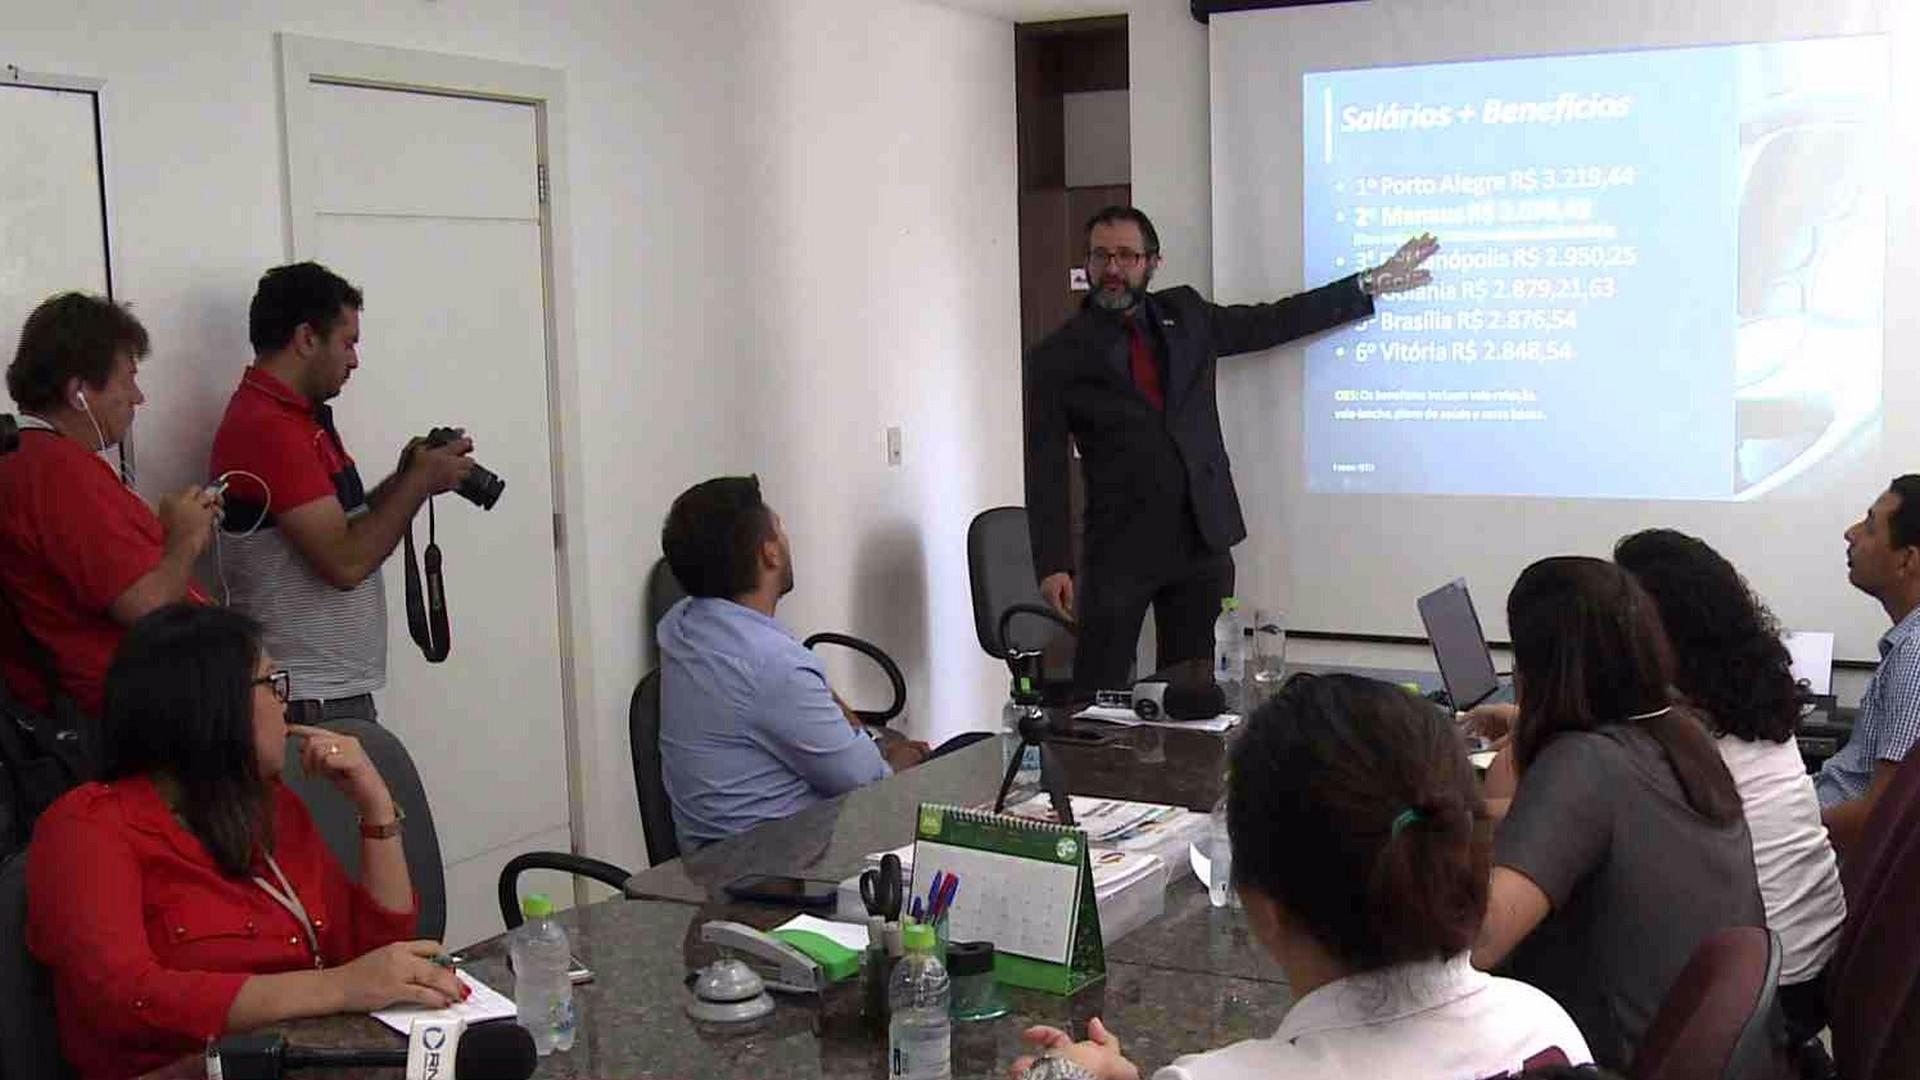 SINETRAM AFIRMA QUE NÃO HOUVE JUSTIFICATIVA PARA A GREVE - Alô Amazonas - 26/06/17